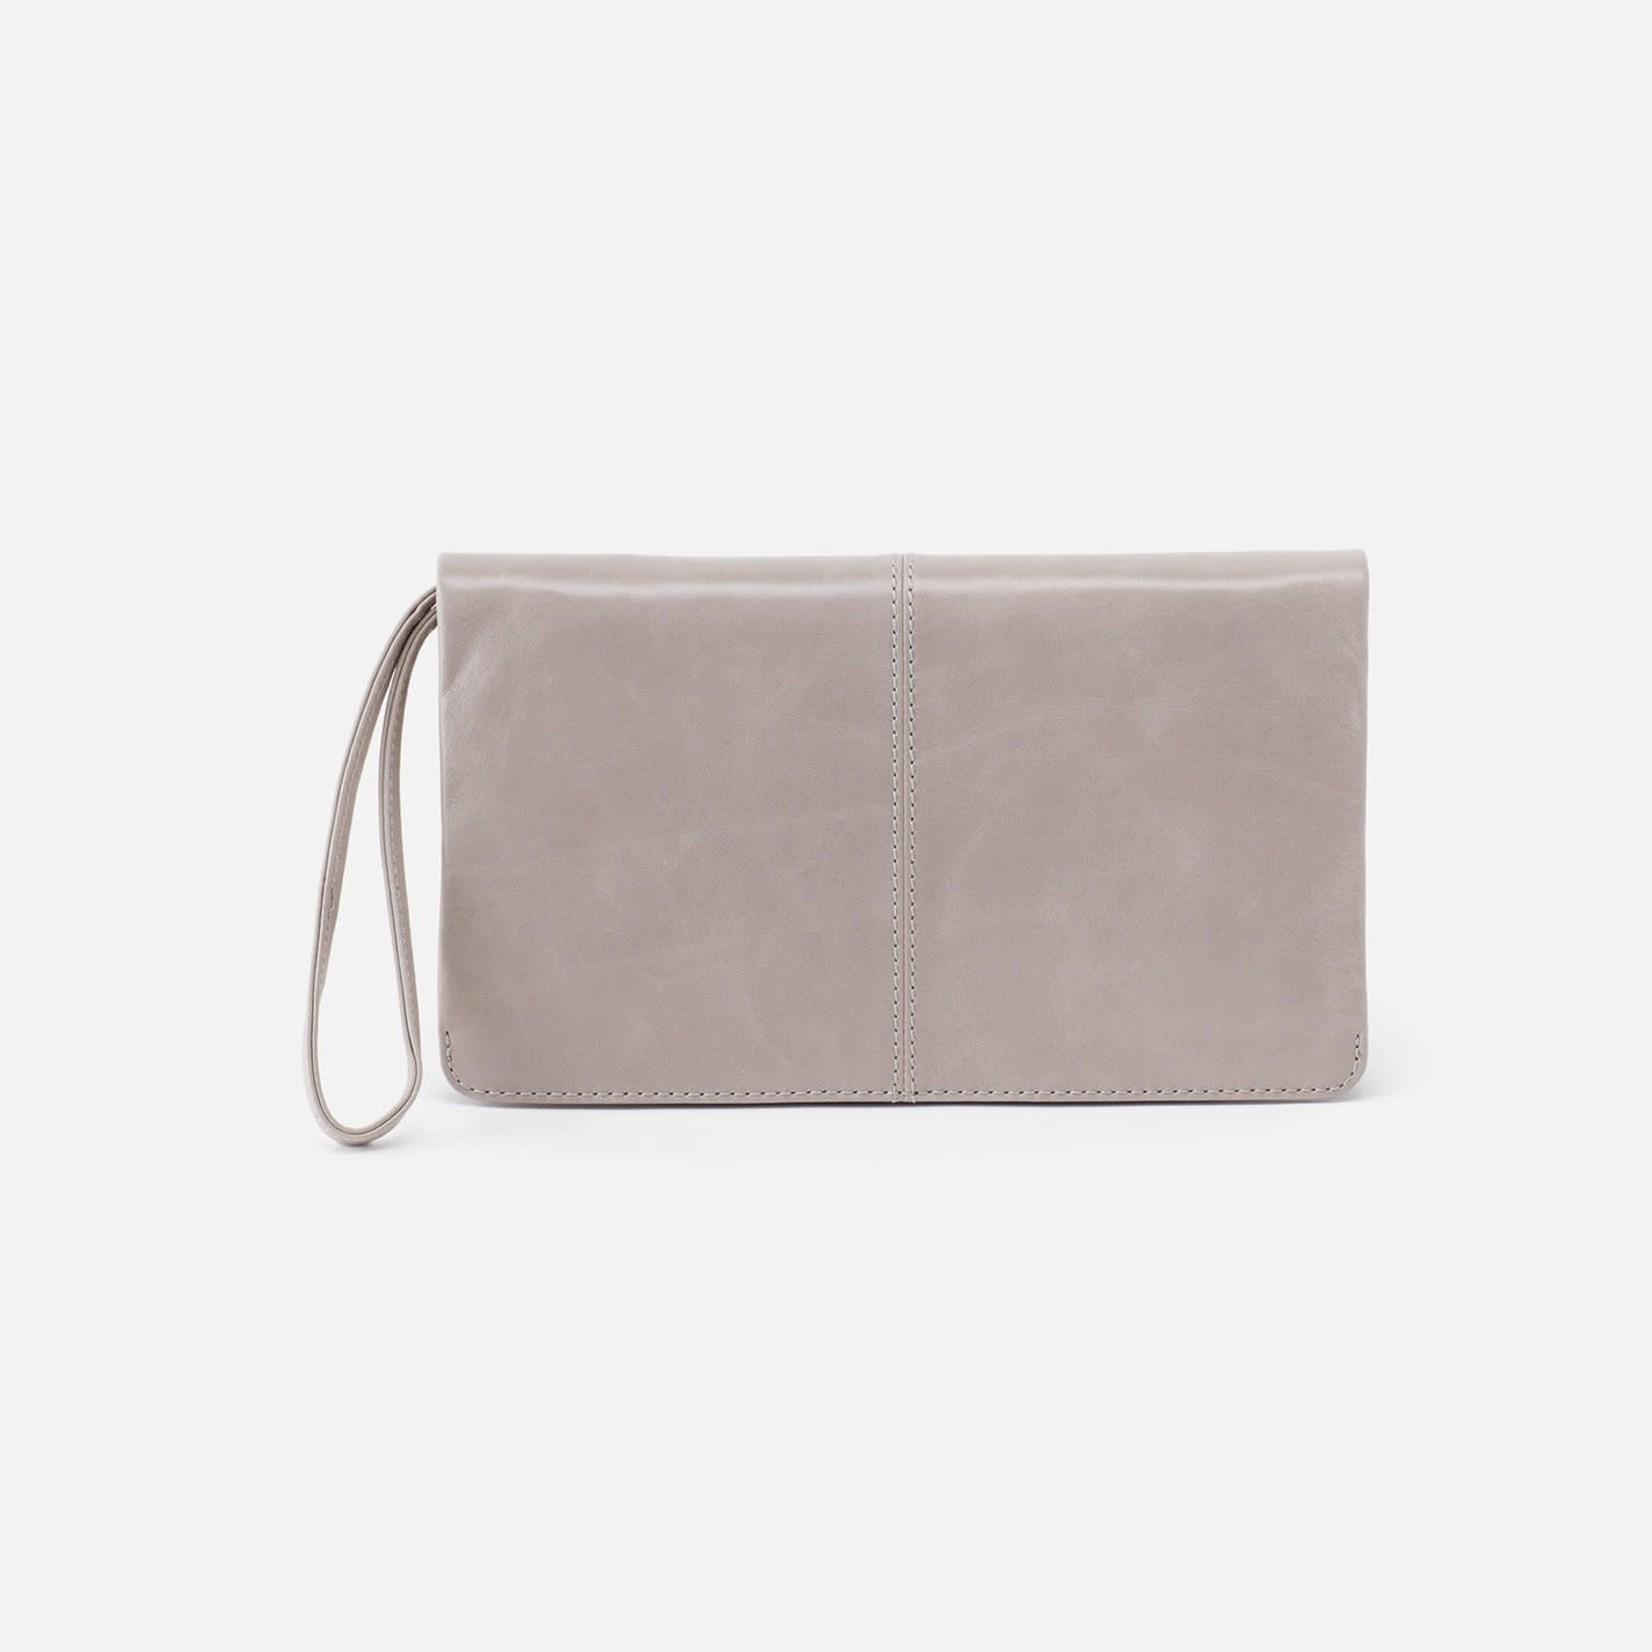 HOBO Evolve Driftwood Vintage Hide Leather Wristlet/Wallet